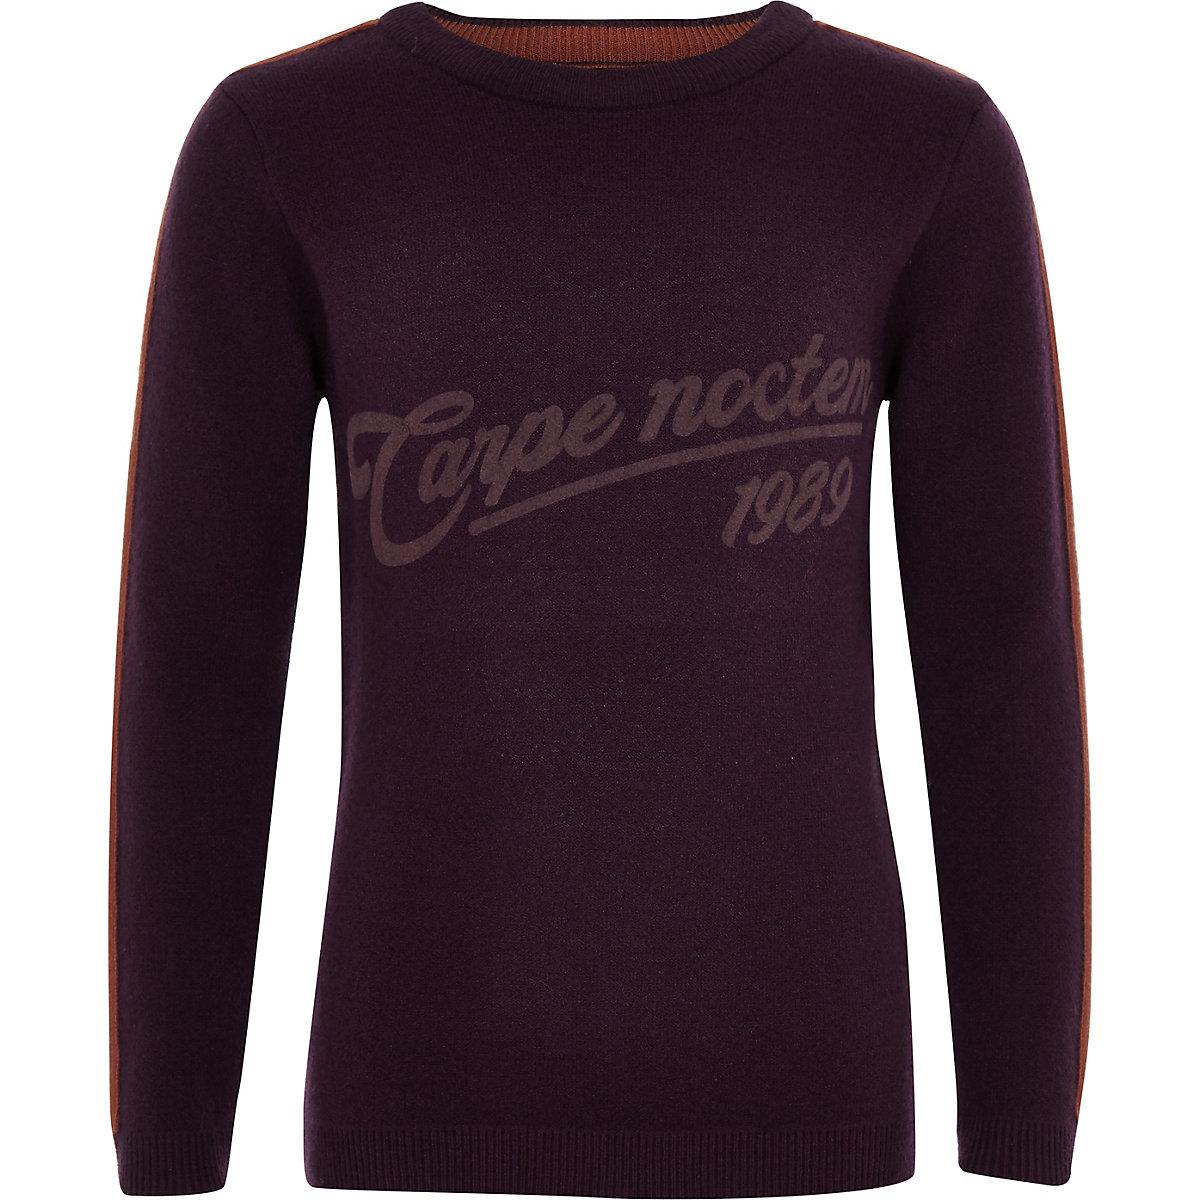 Boys purple 'Carpe noctem' jumper